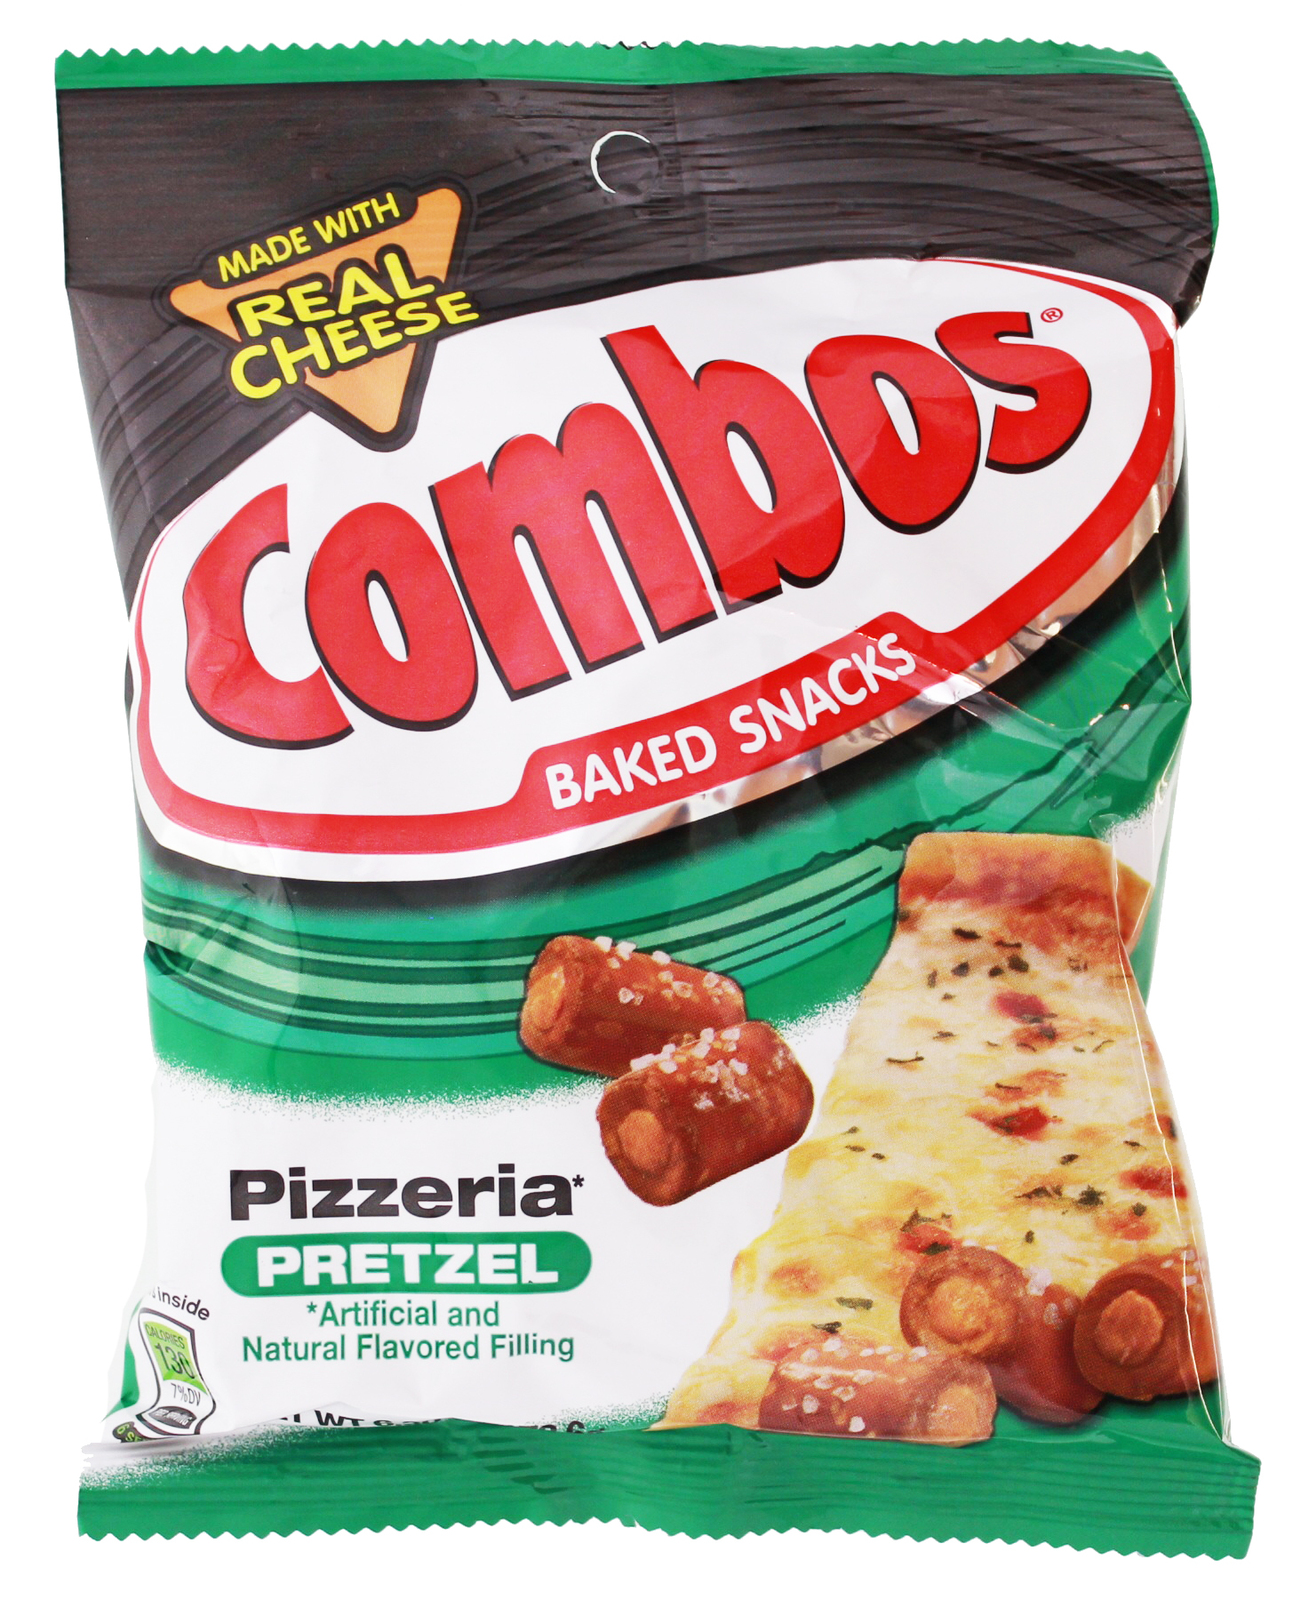 Combos Pizza Pretzel (178.6g) image